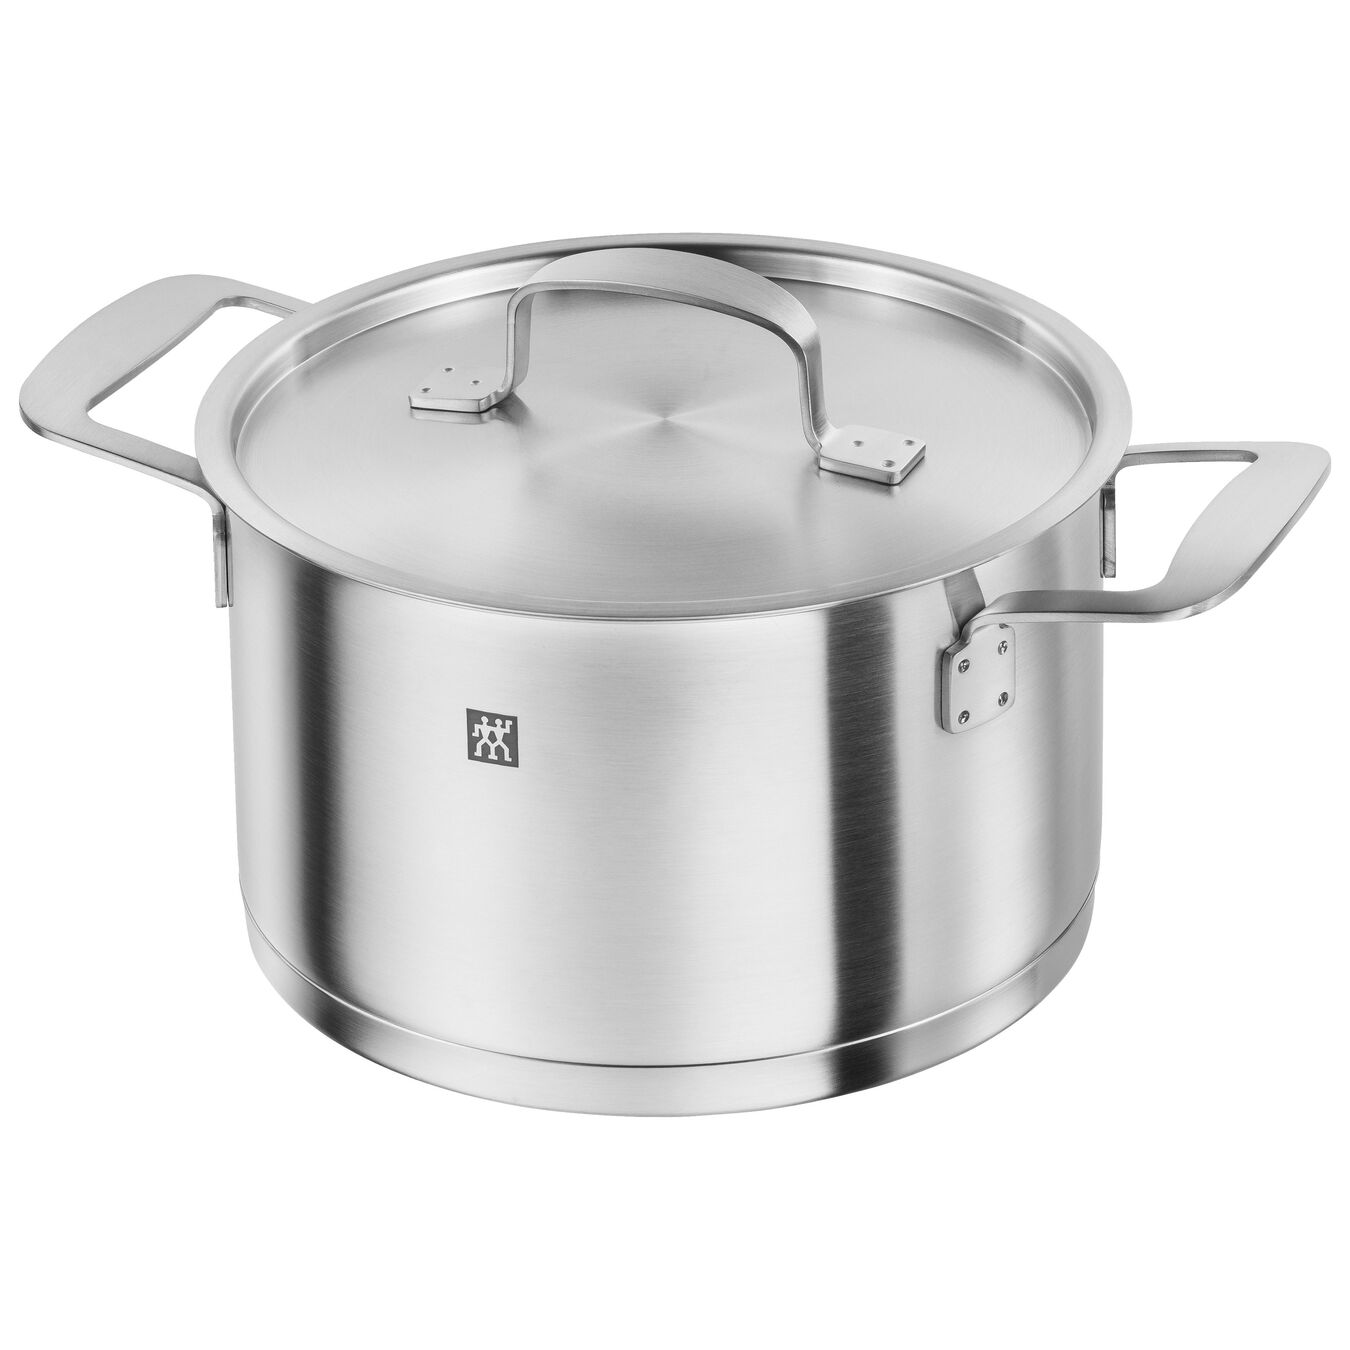 Ensemble de casseroles 3-pcs,,large 8